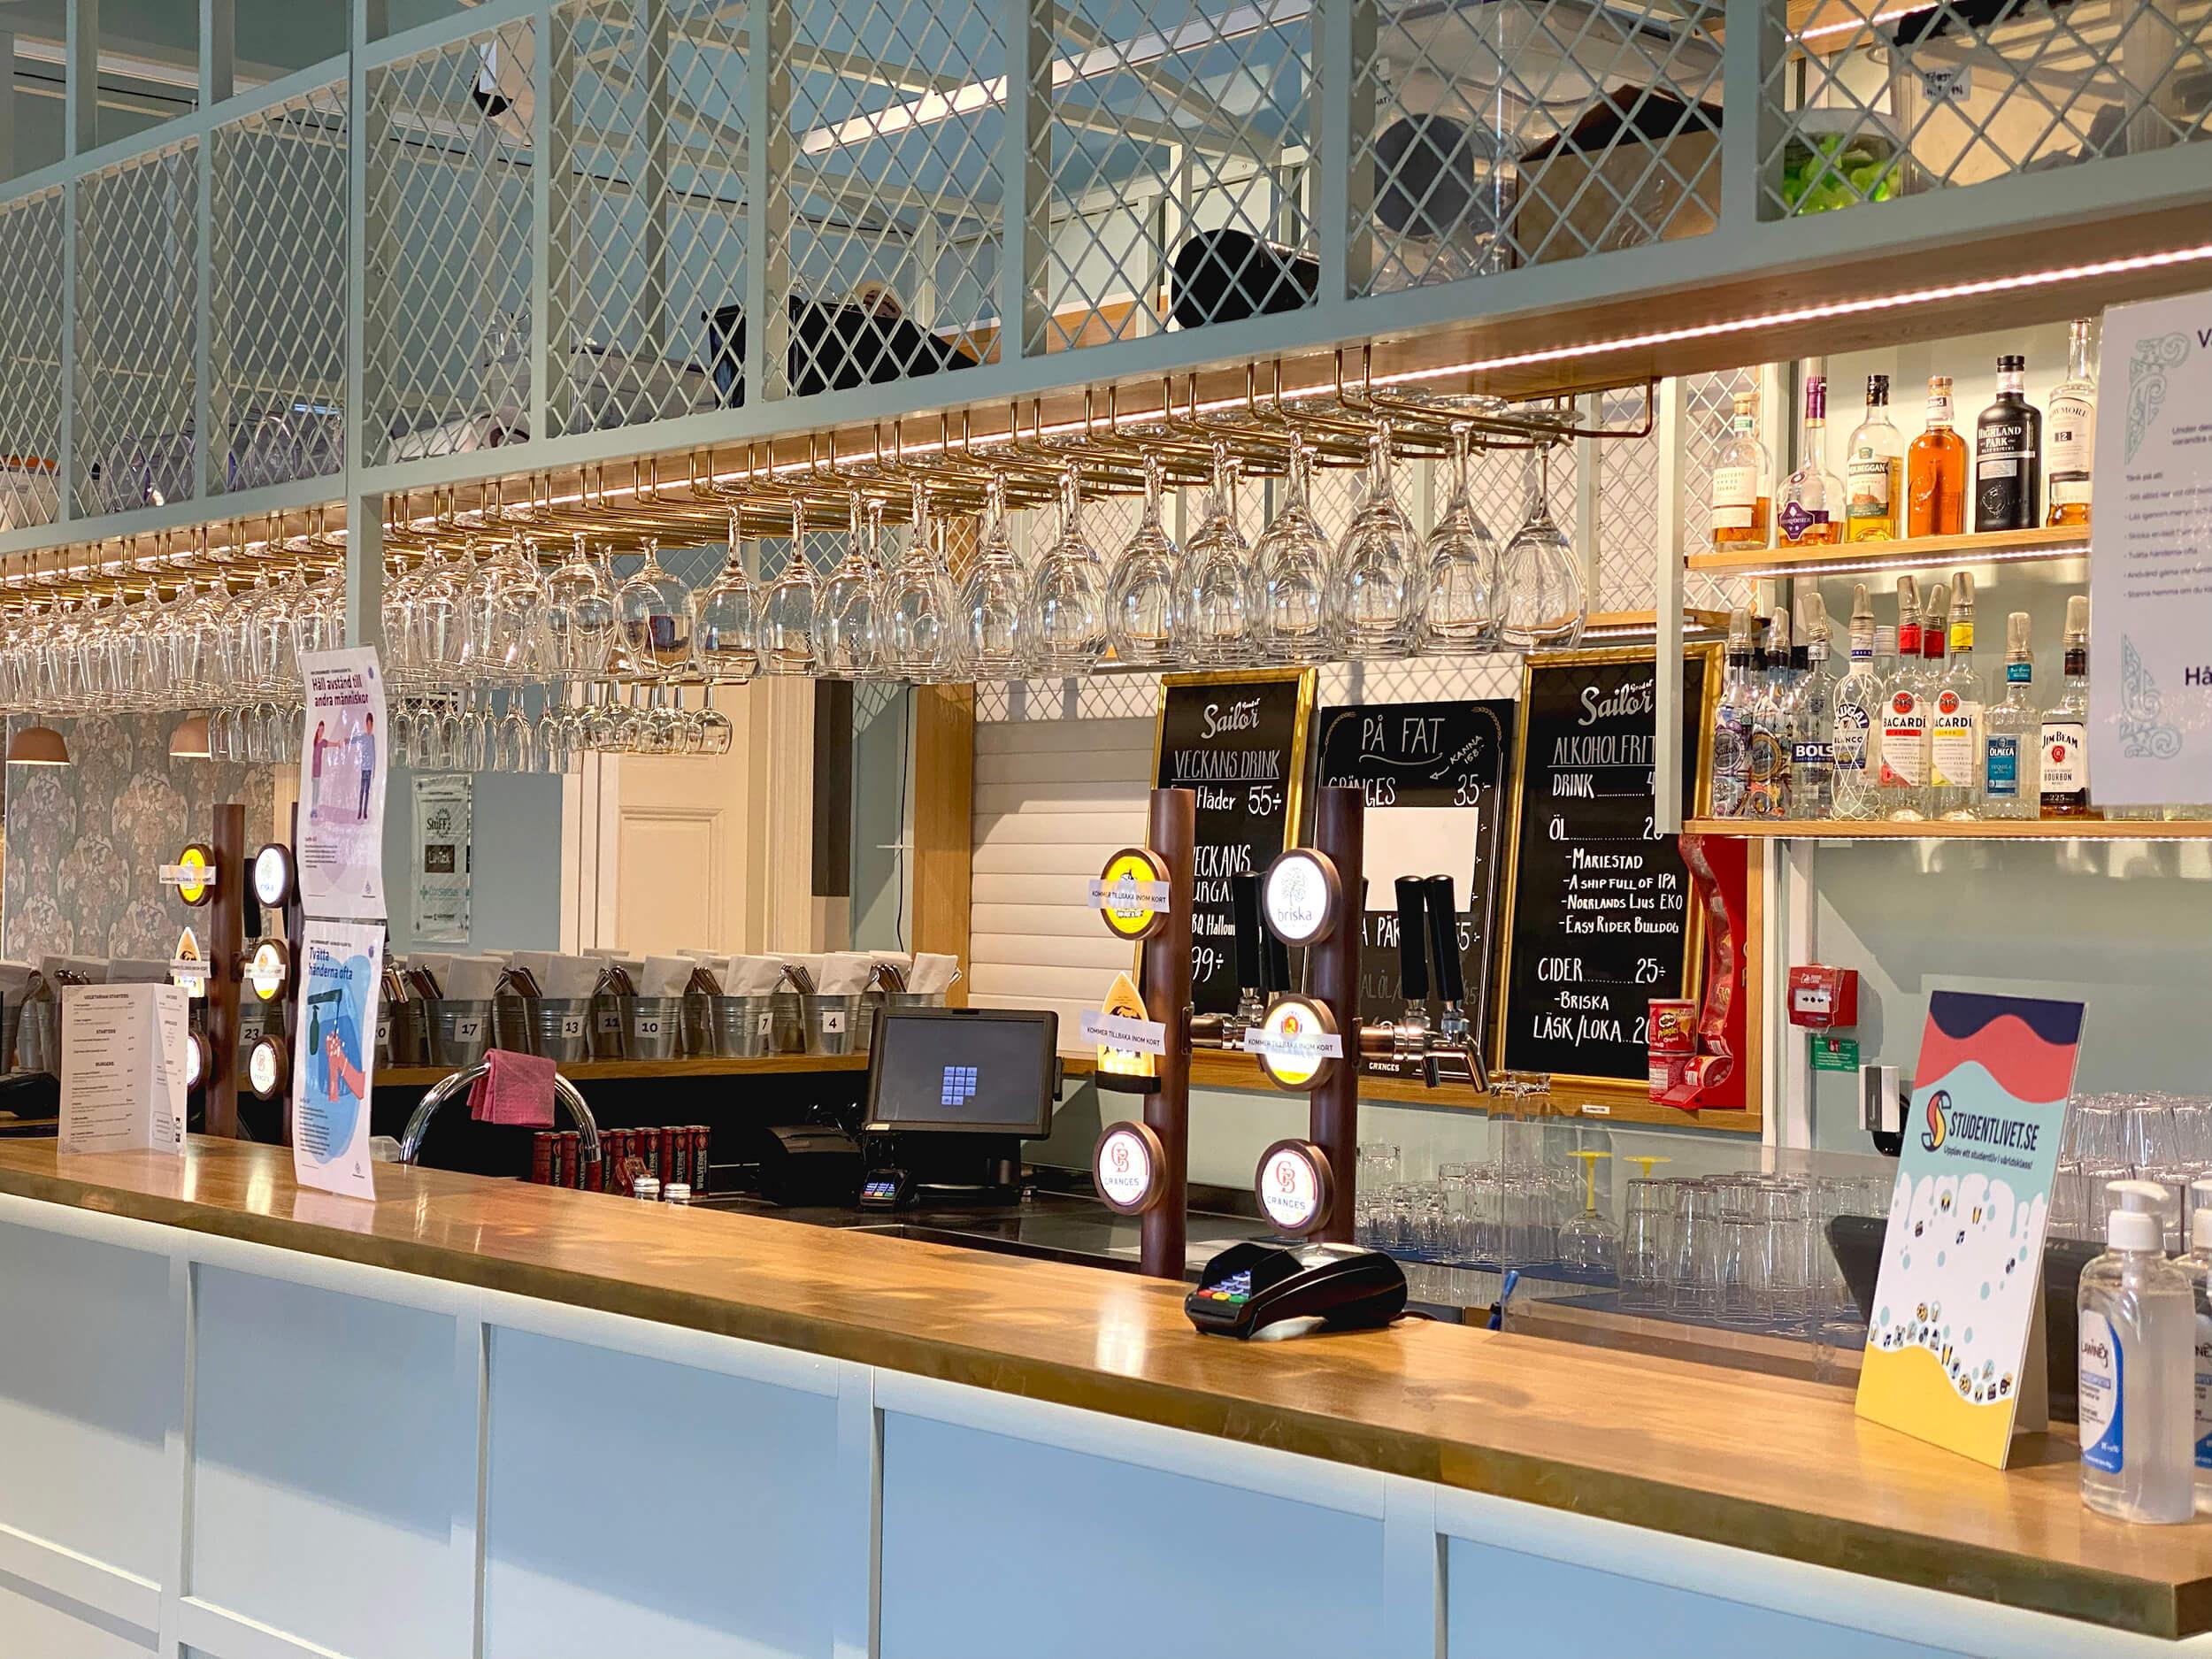 Bild på bar med menyer och glas